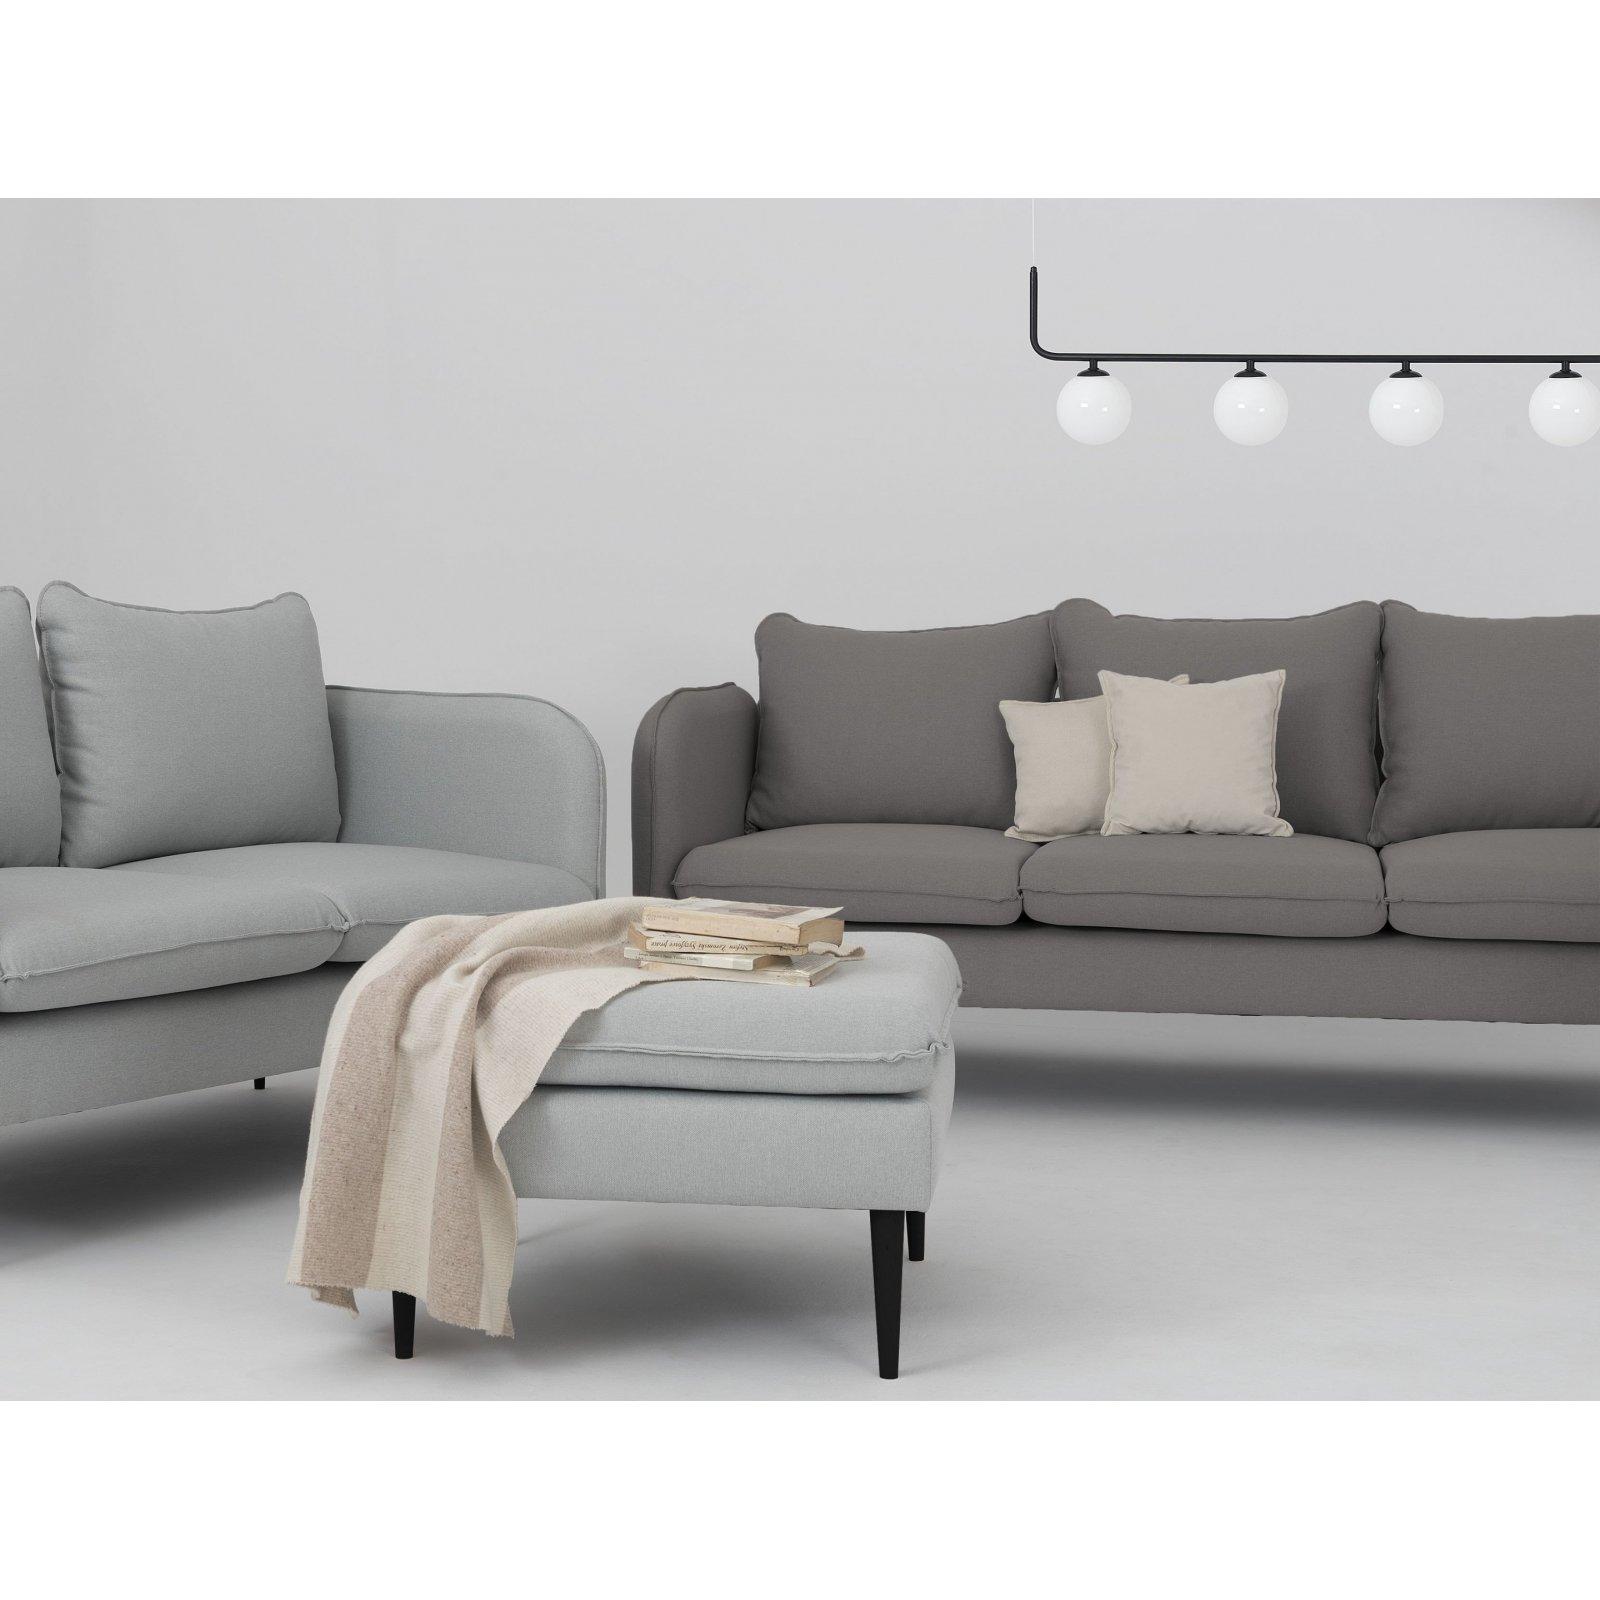 Canapé tissu 3 places gris acier h45cm